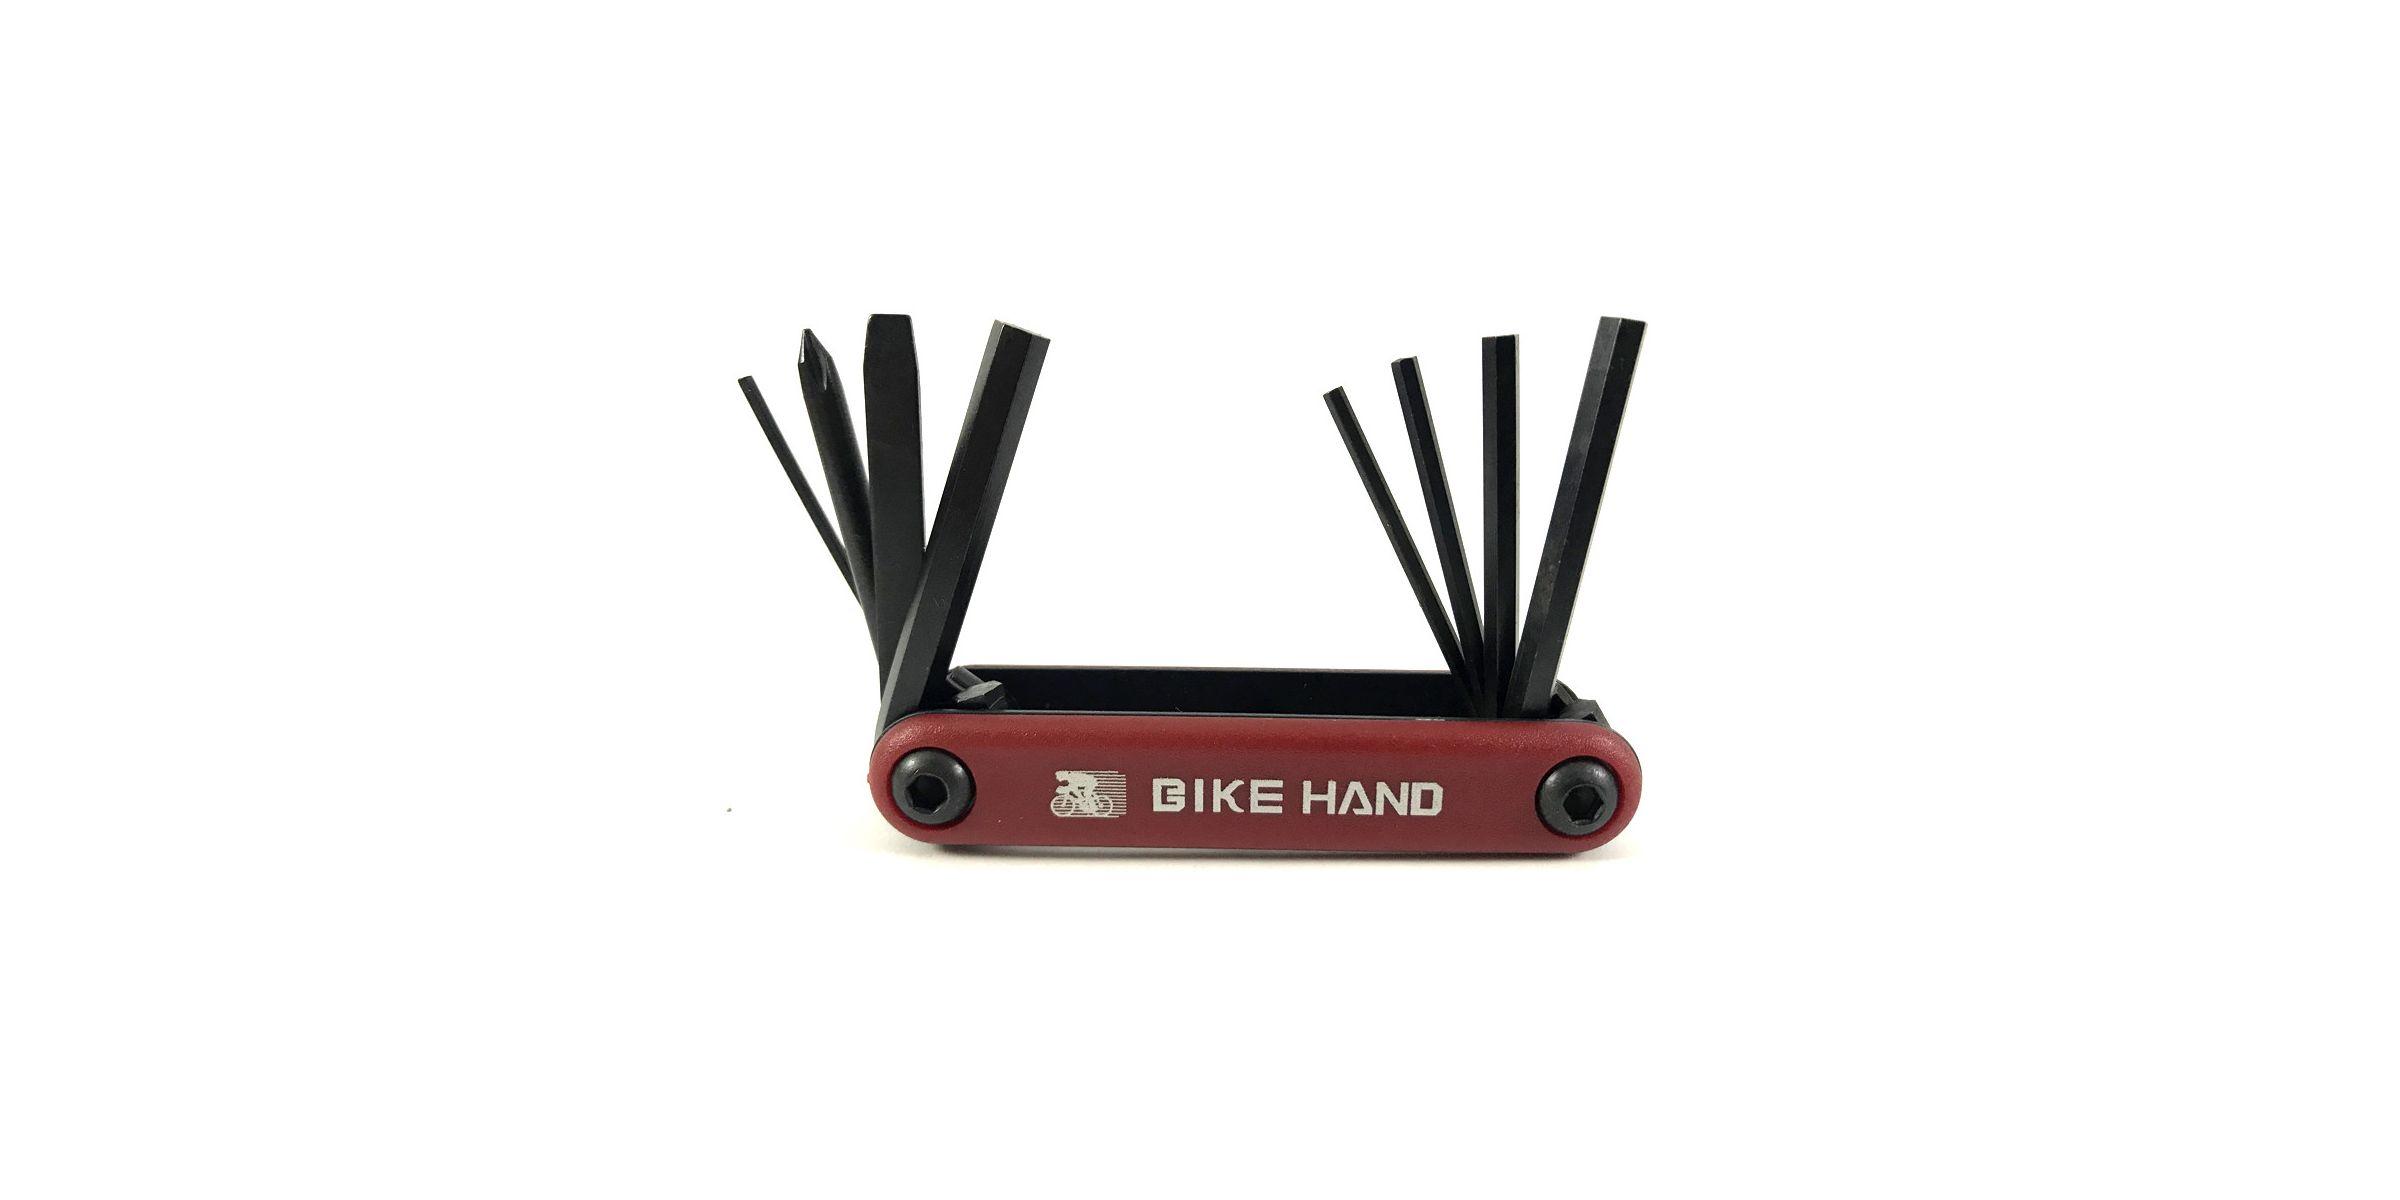 Мультитул BikeHand vz- F33 -077  Красный  8 в 1 PSP-04021